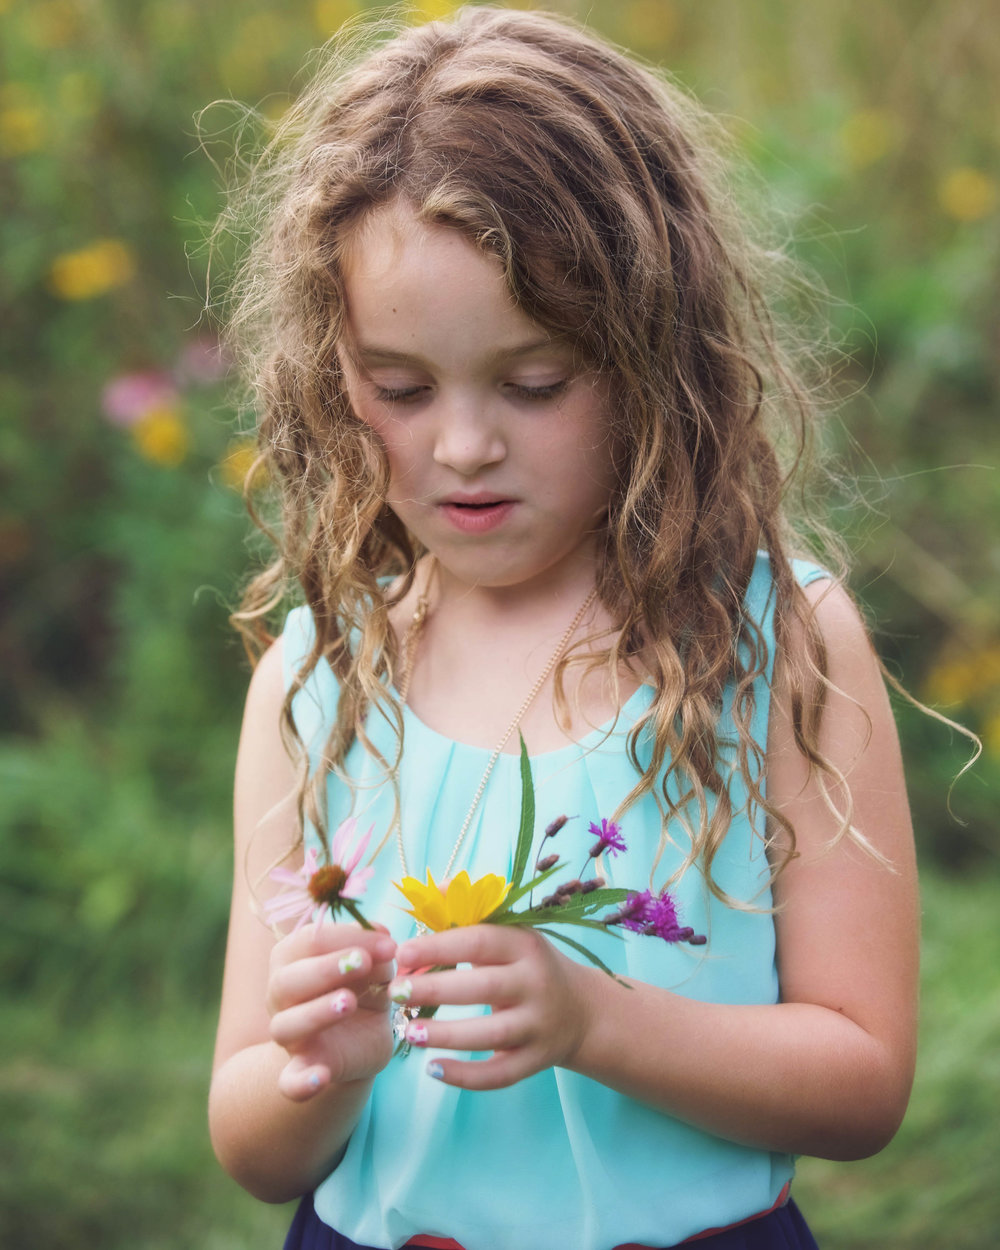 DSC_8612 maya select flowers.jpg